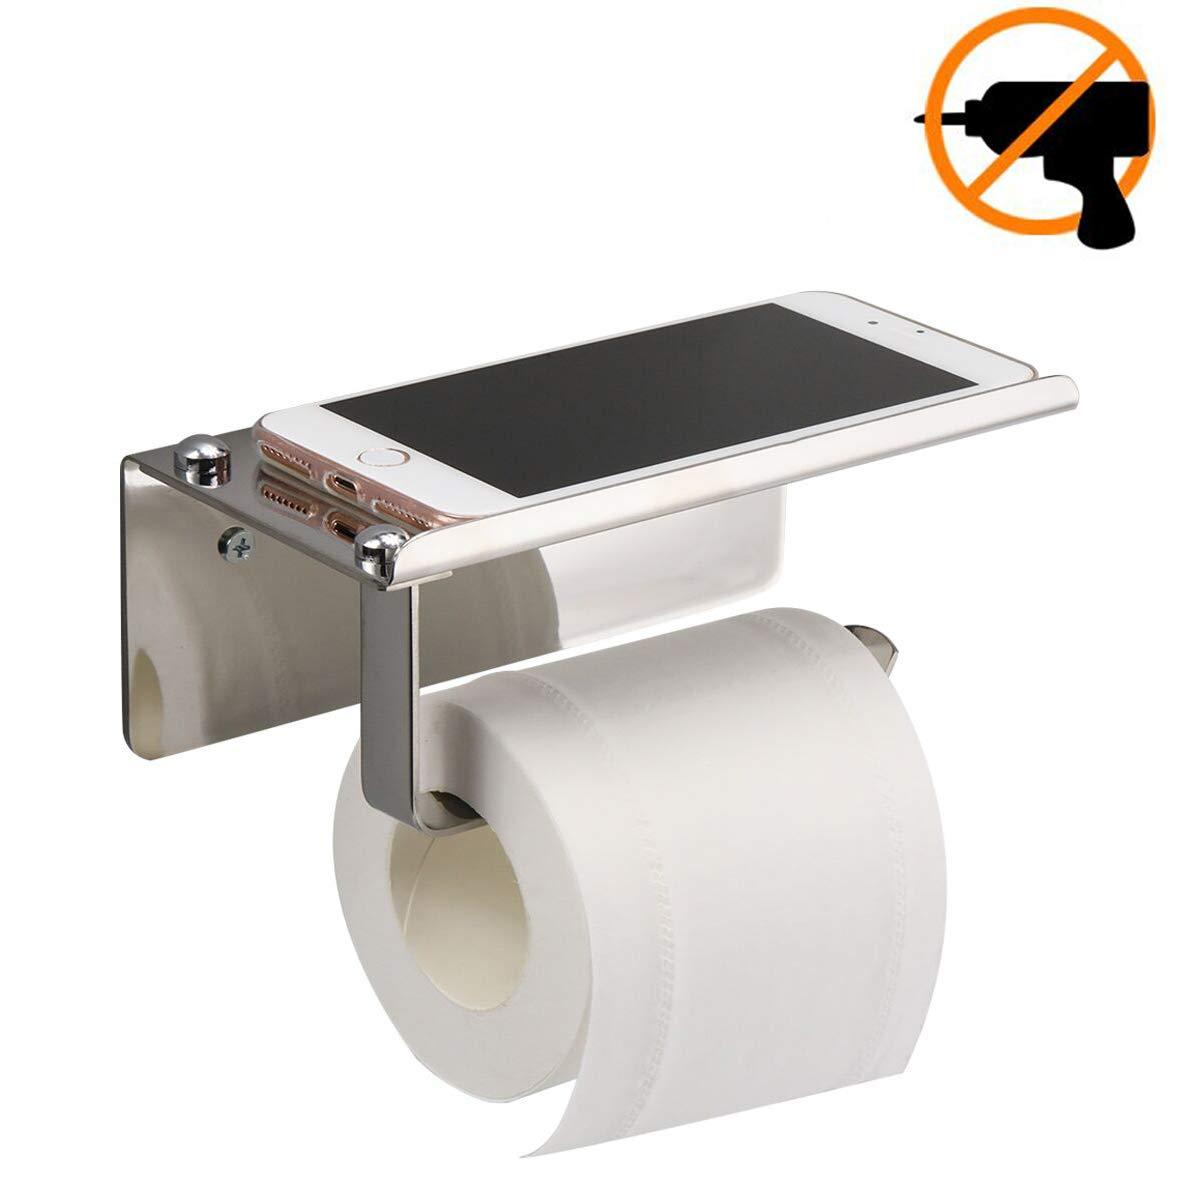 Porte-papier Toilette,Porte-papier Hygiénique Support Mural Sans Perçage, Acier Inoxydable 304, Rouleau de Papier Toilette Support Papier Adhésif 3 M Autocollant